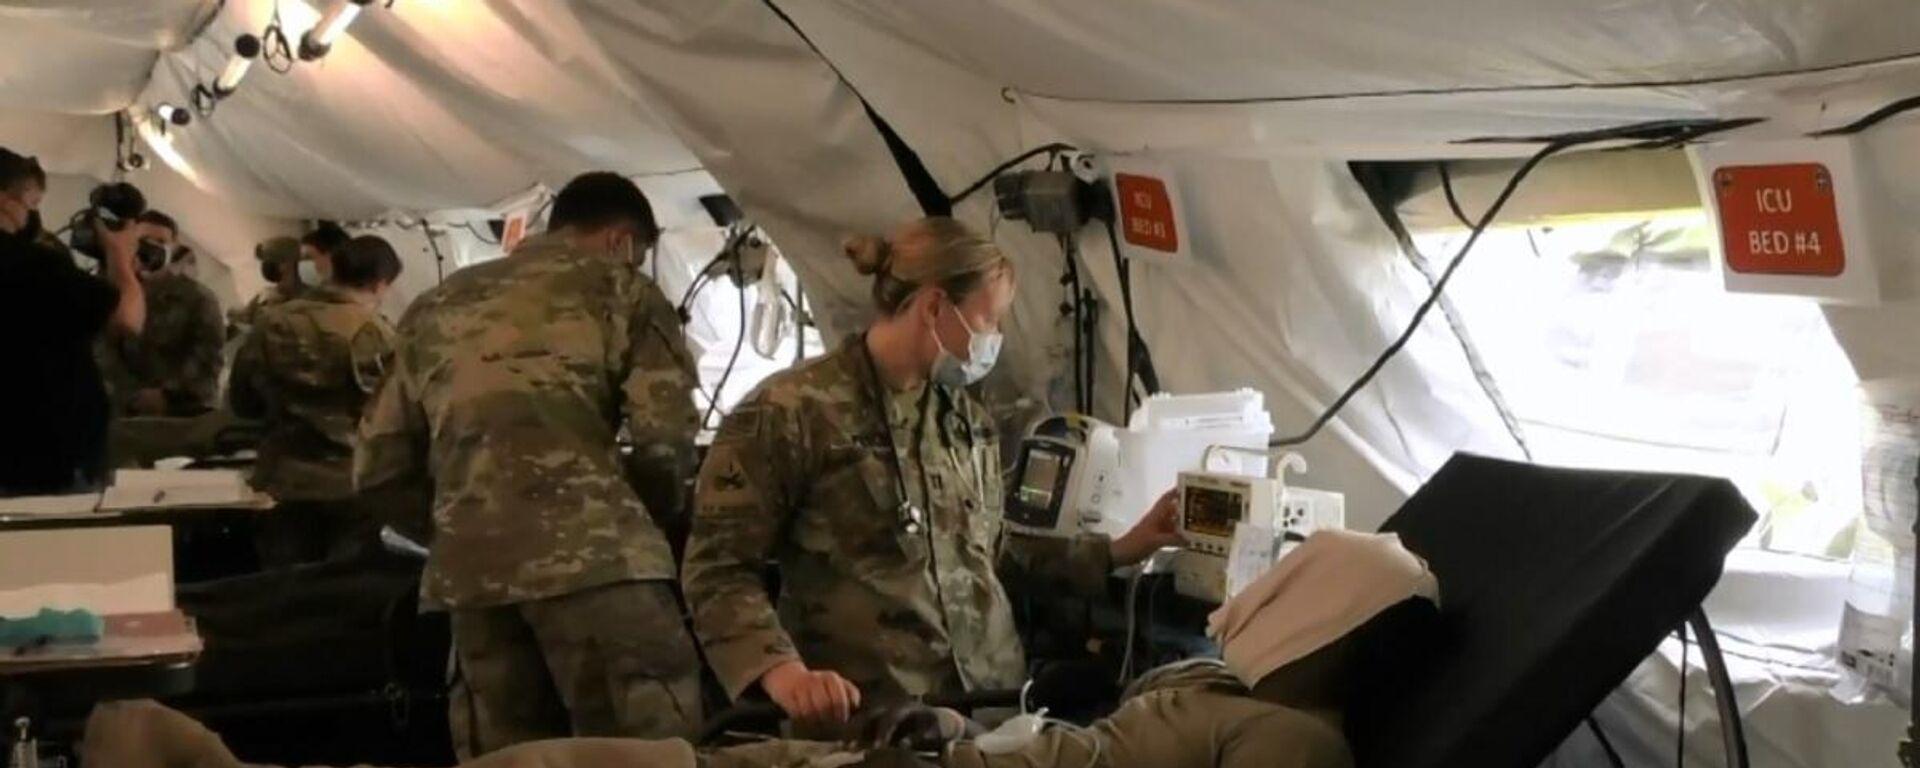 Evacuazione medica come parte delle esercitazioni Defender Europe 2021, Germania - Sputnik Italia, 1920, 04.06.2021